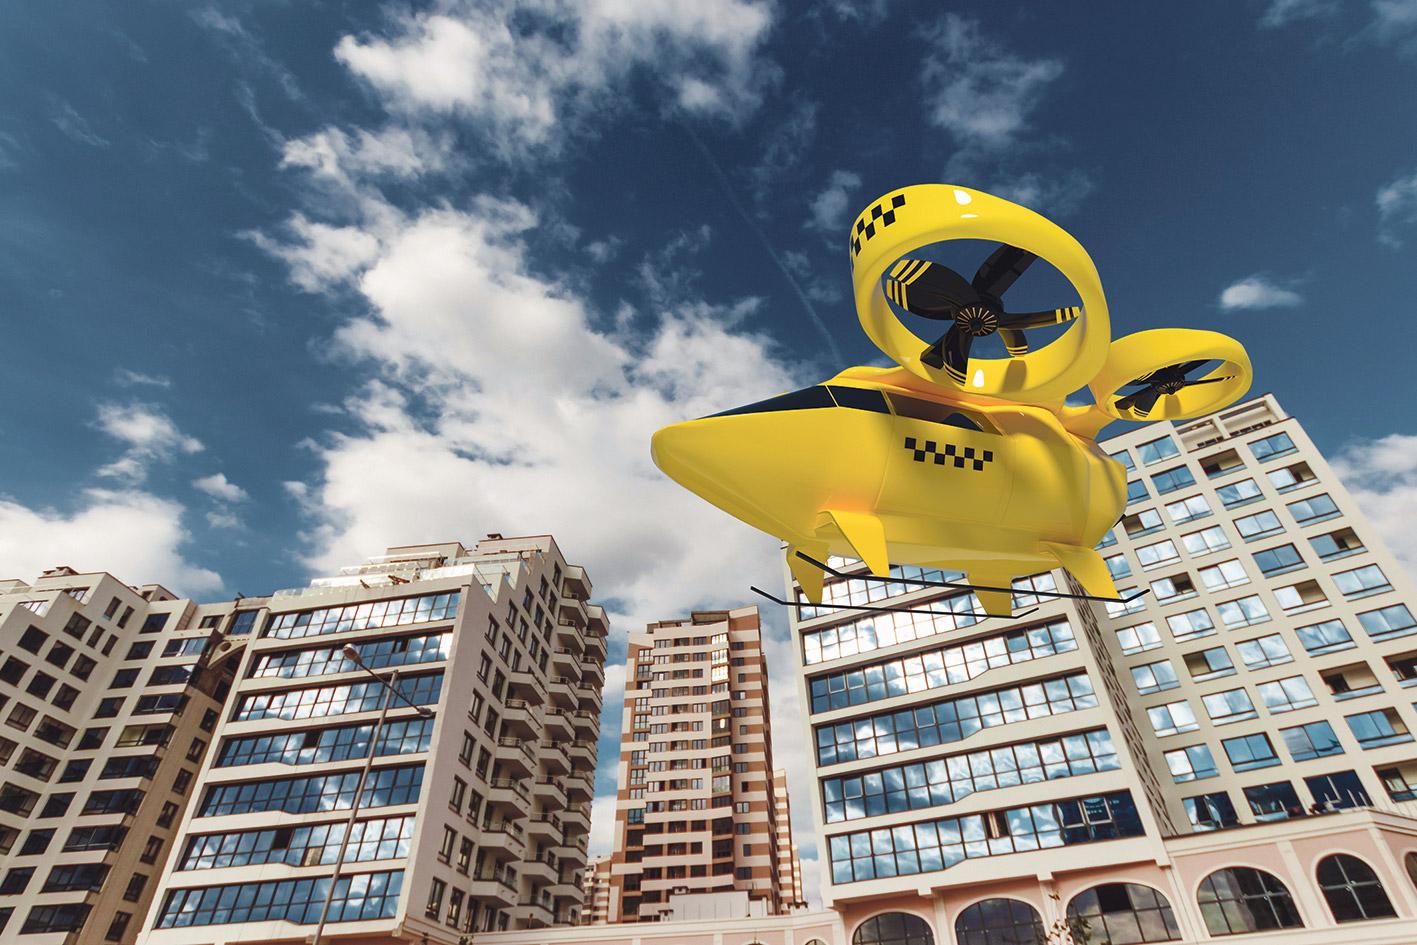 Zukunftsvision: Ein Flugtaxi vor Gebäuden